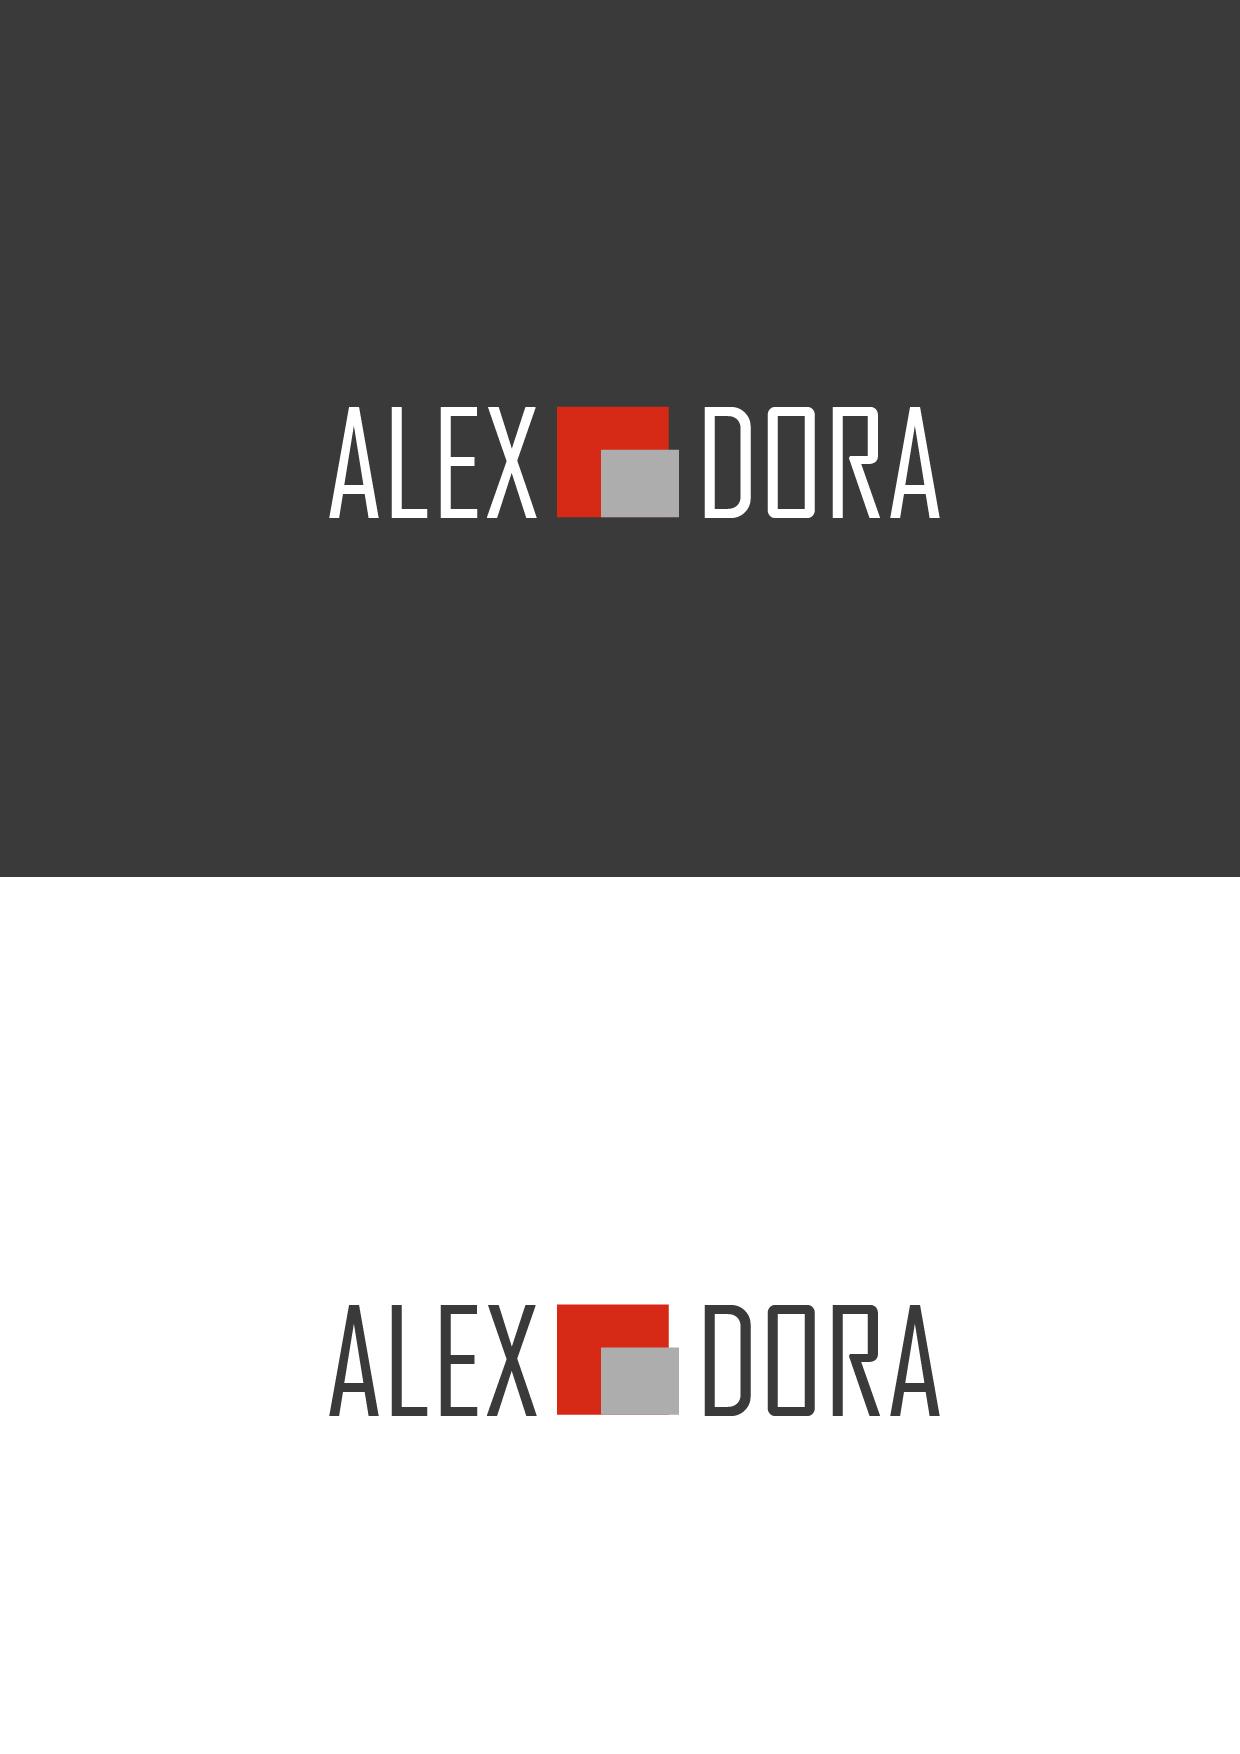 Необходим дизайнер для доработки логотипа бренда одежды фото f_4065b366de82cfed.jpg